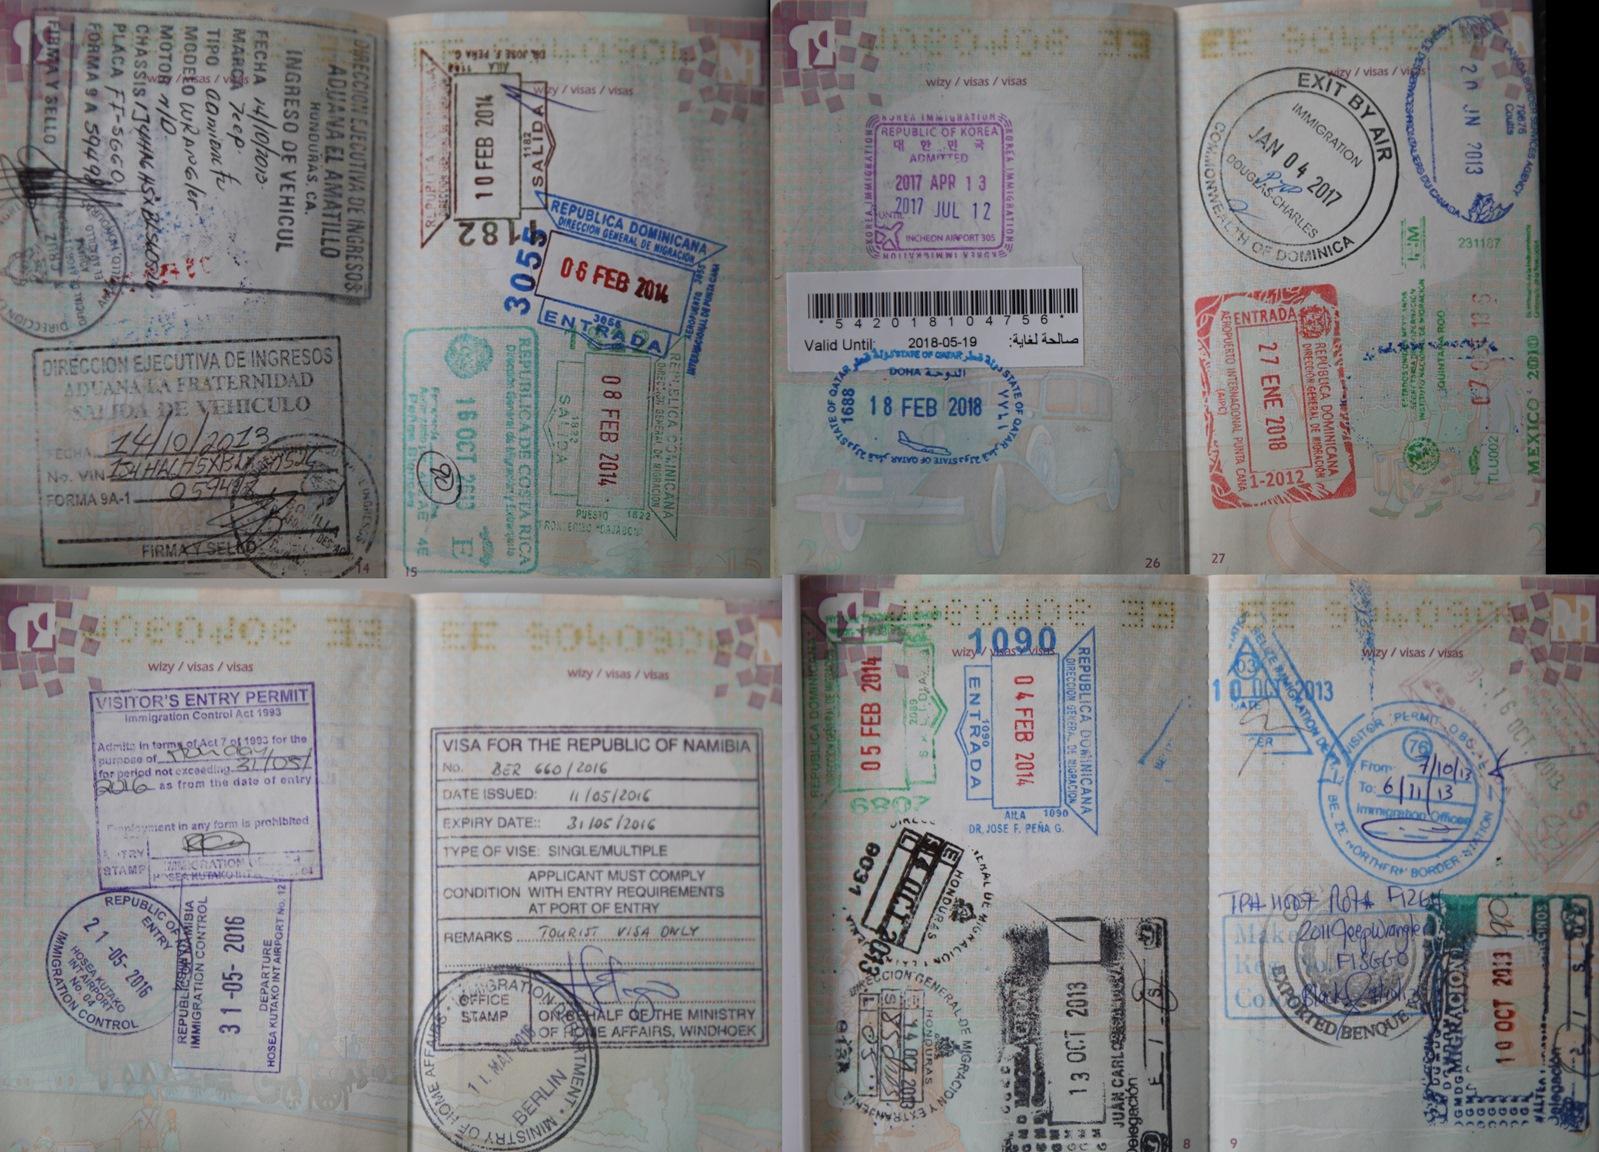 Kolejny, trzeci już paszport który podlega wymianie.